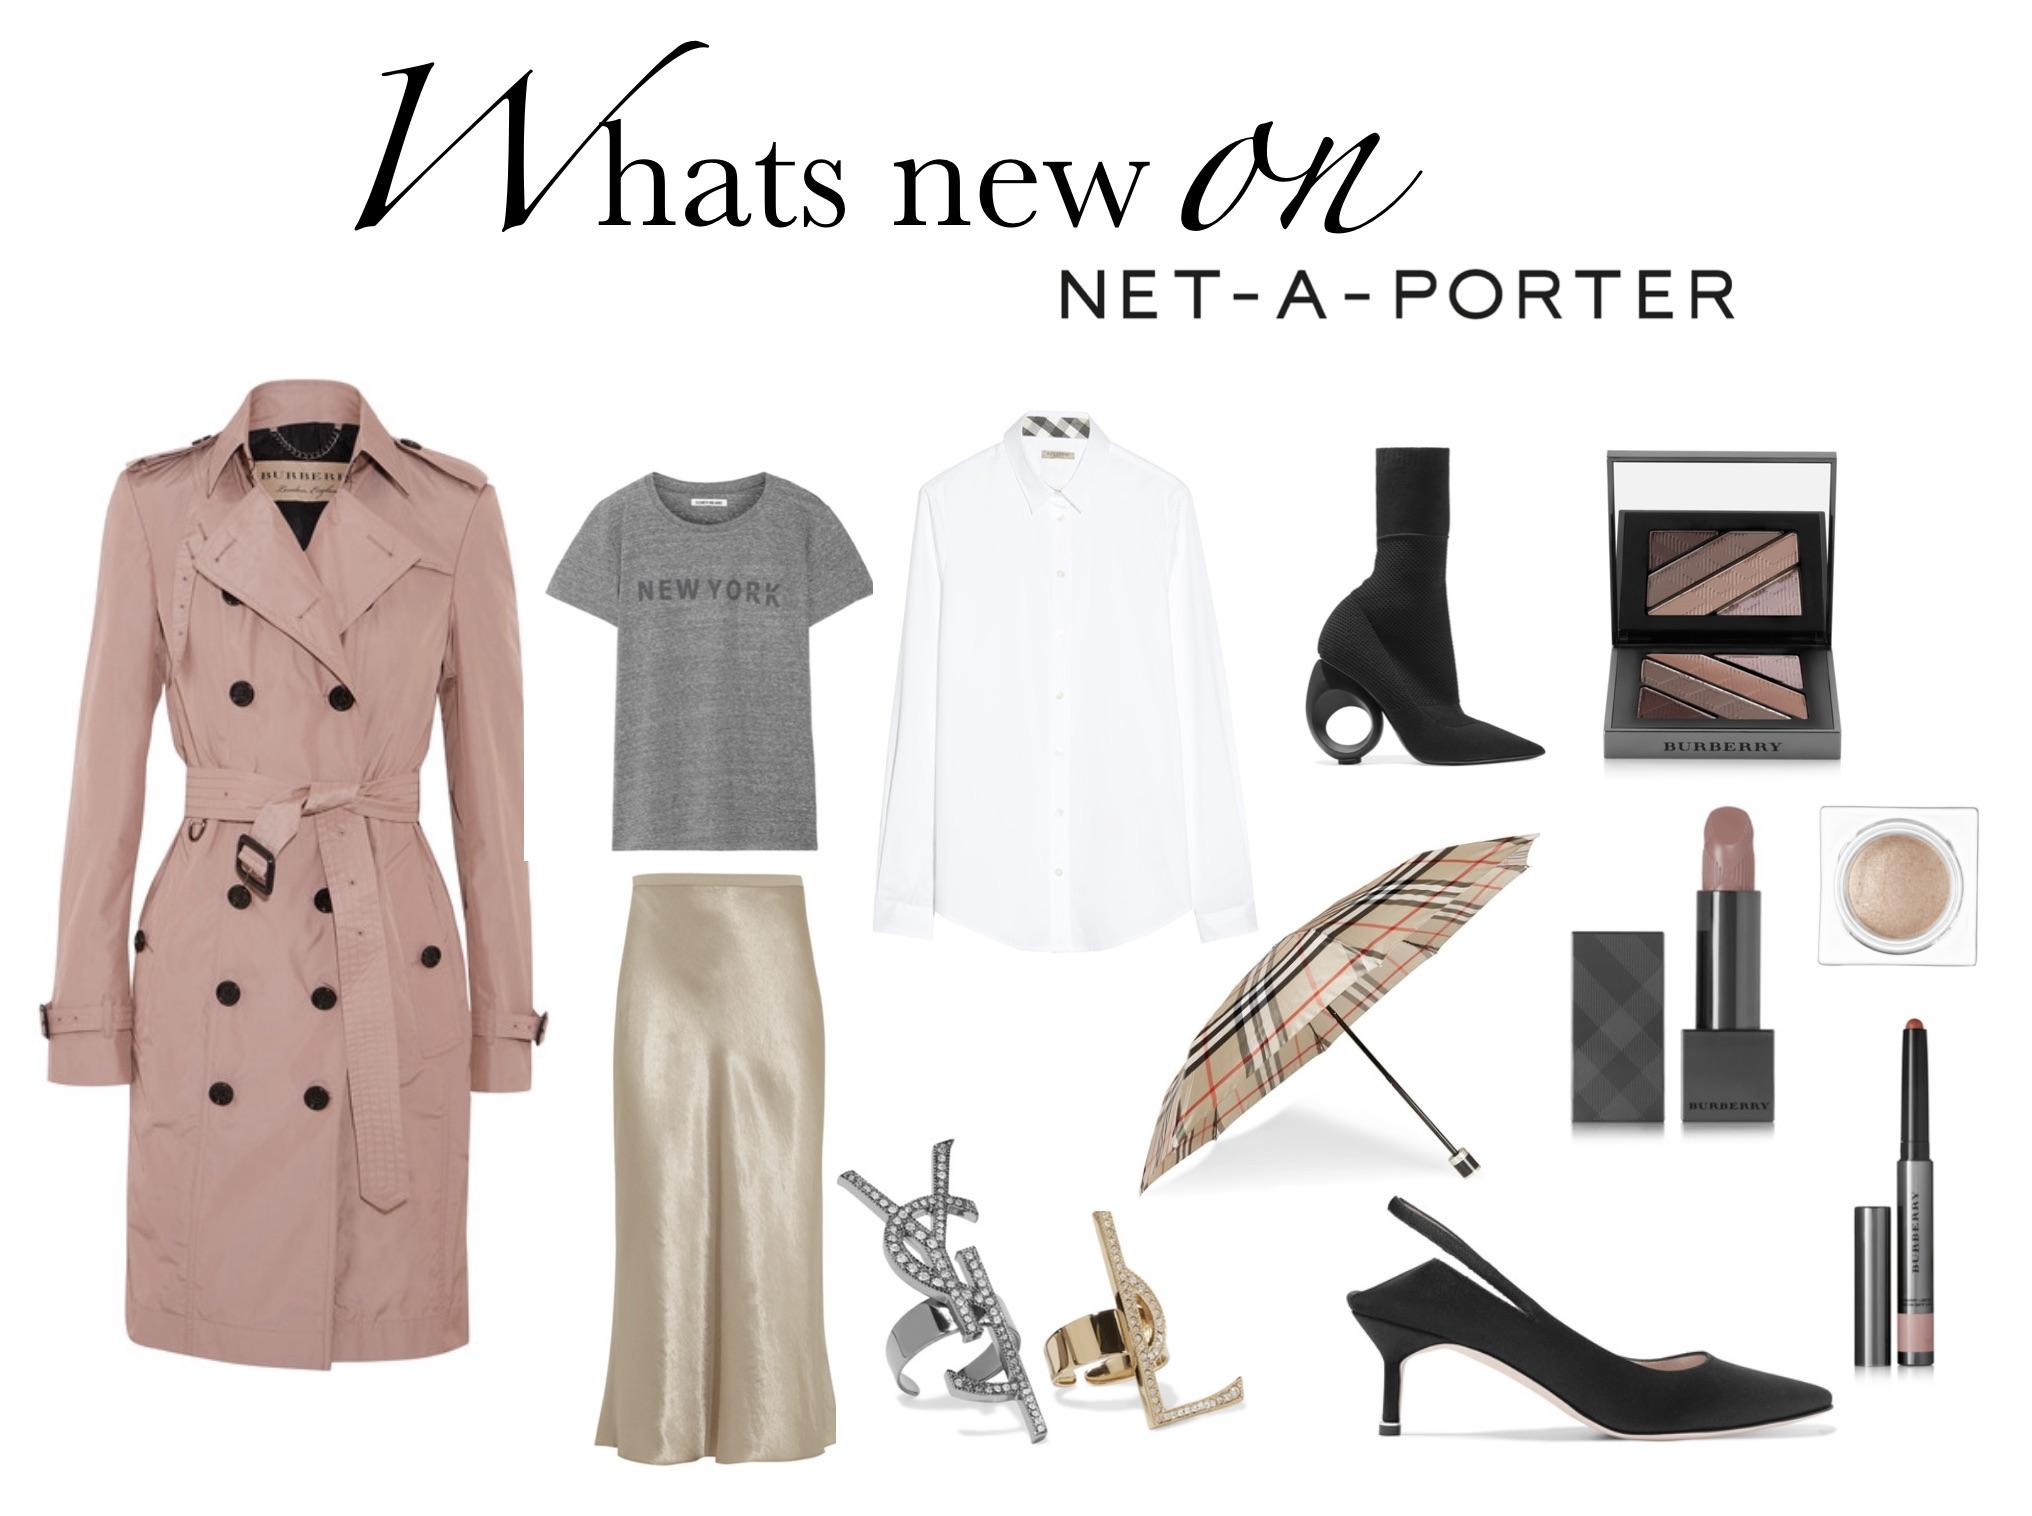 net-a-porter-burberry